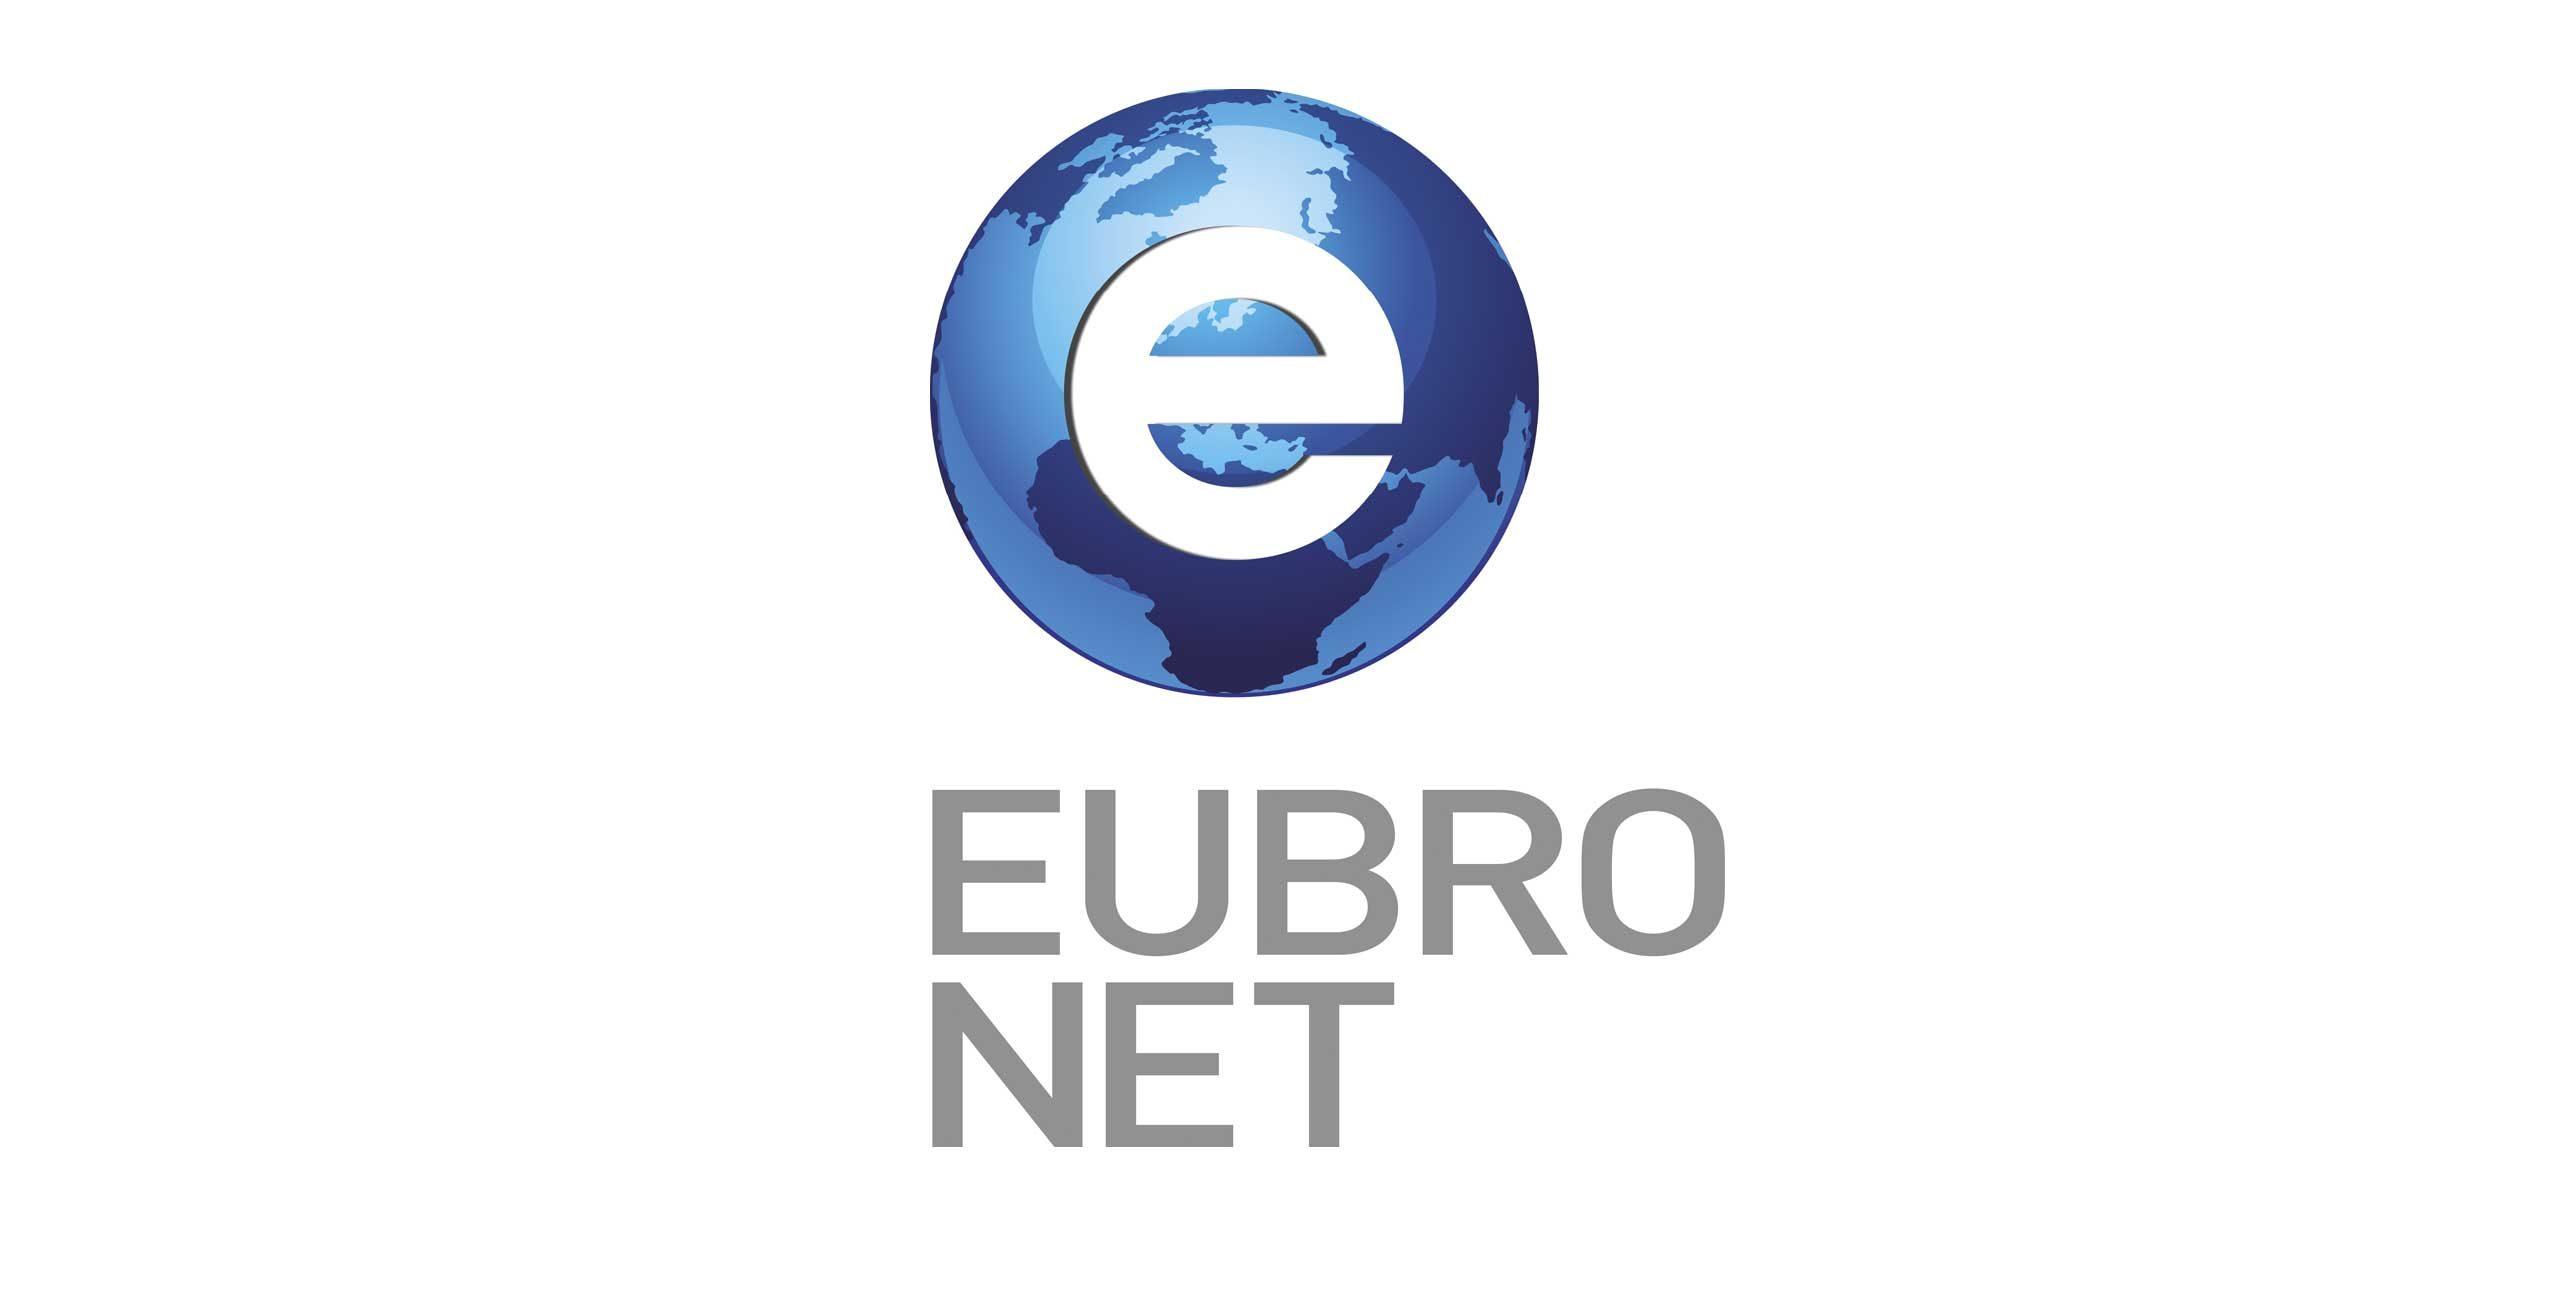 LR_eubronet-logos-2560x1500